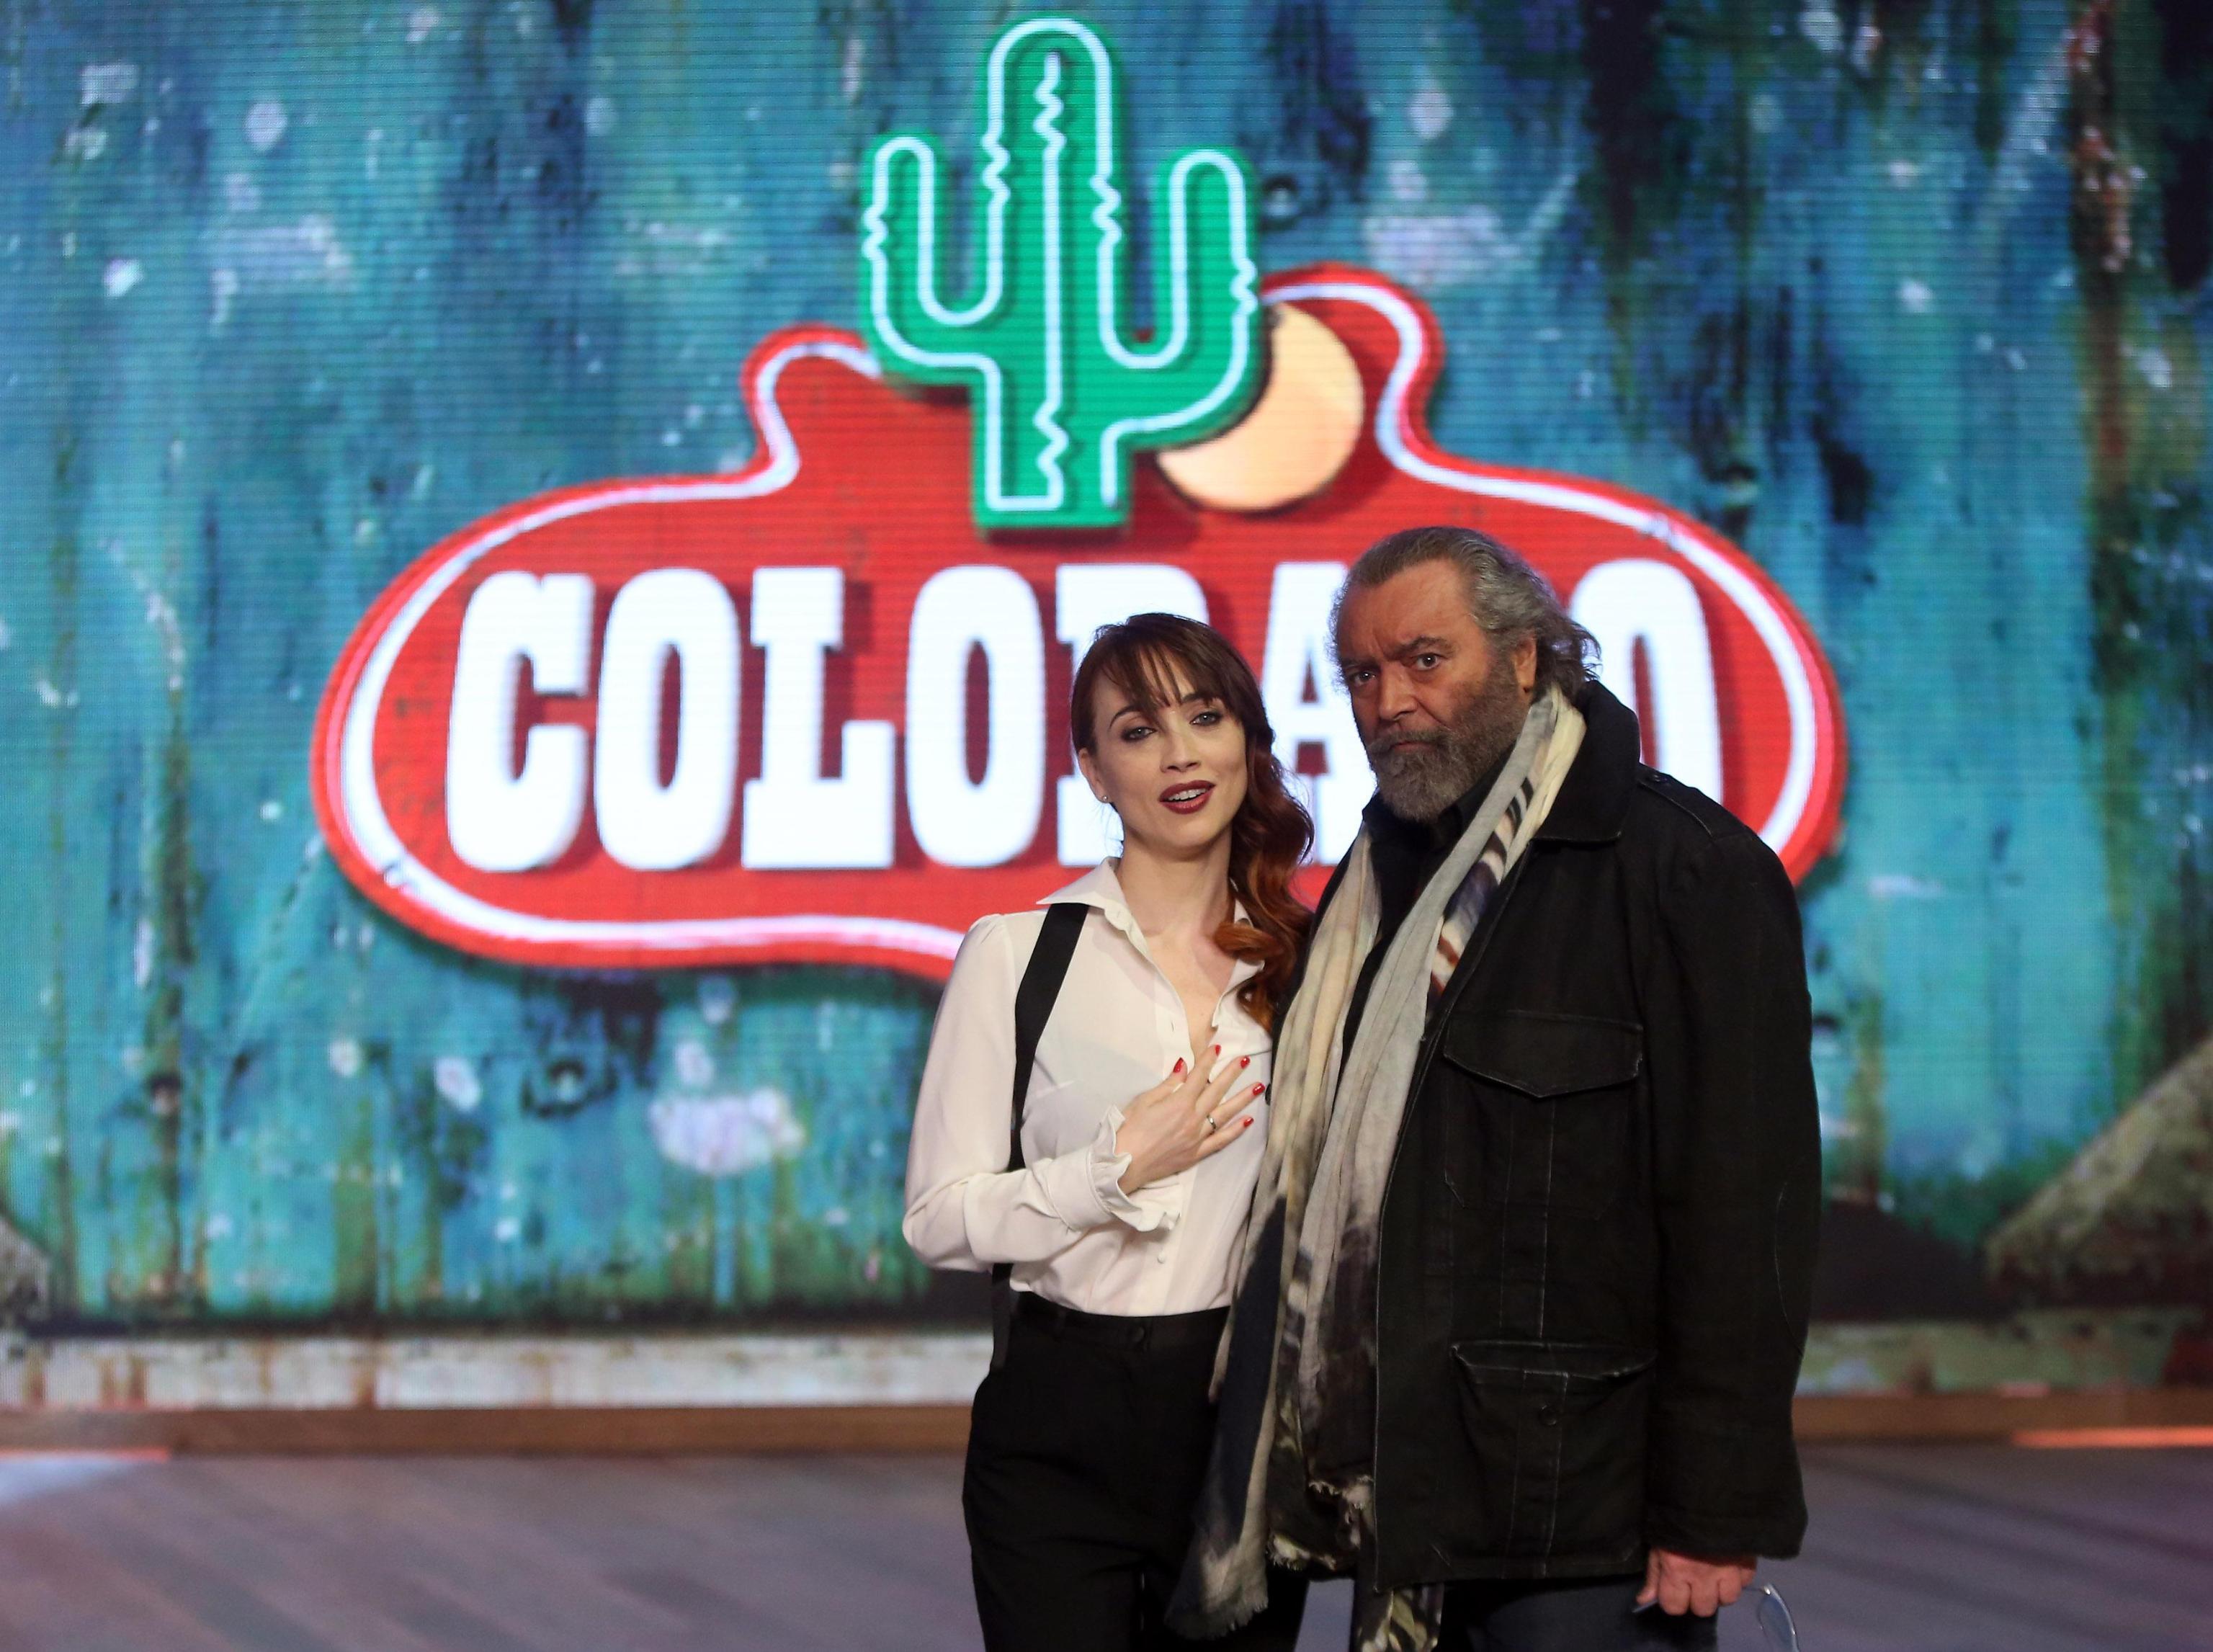 Stasera in TV, venerdì 28 marzo 2014: La Pista, Le mani dentro la città, Colorado